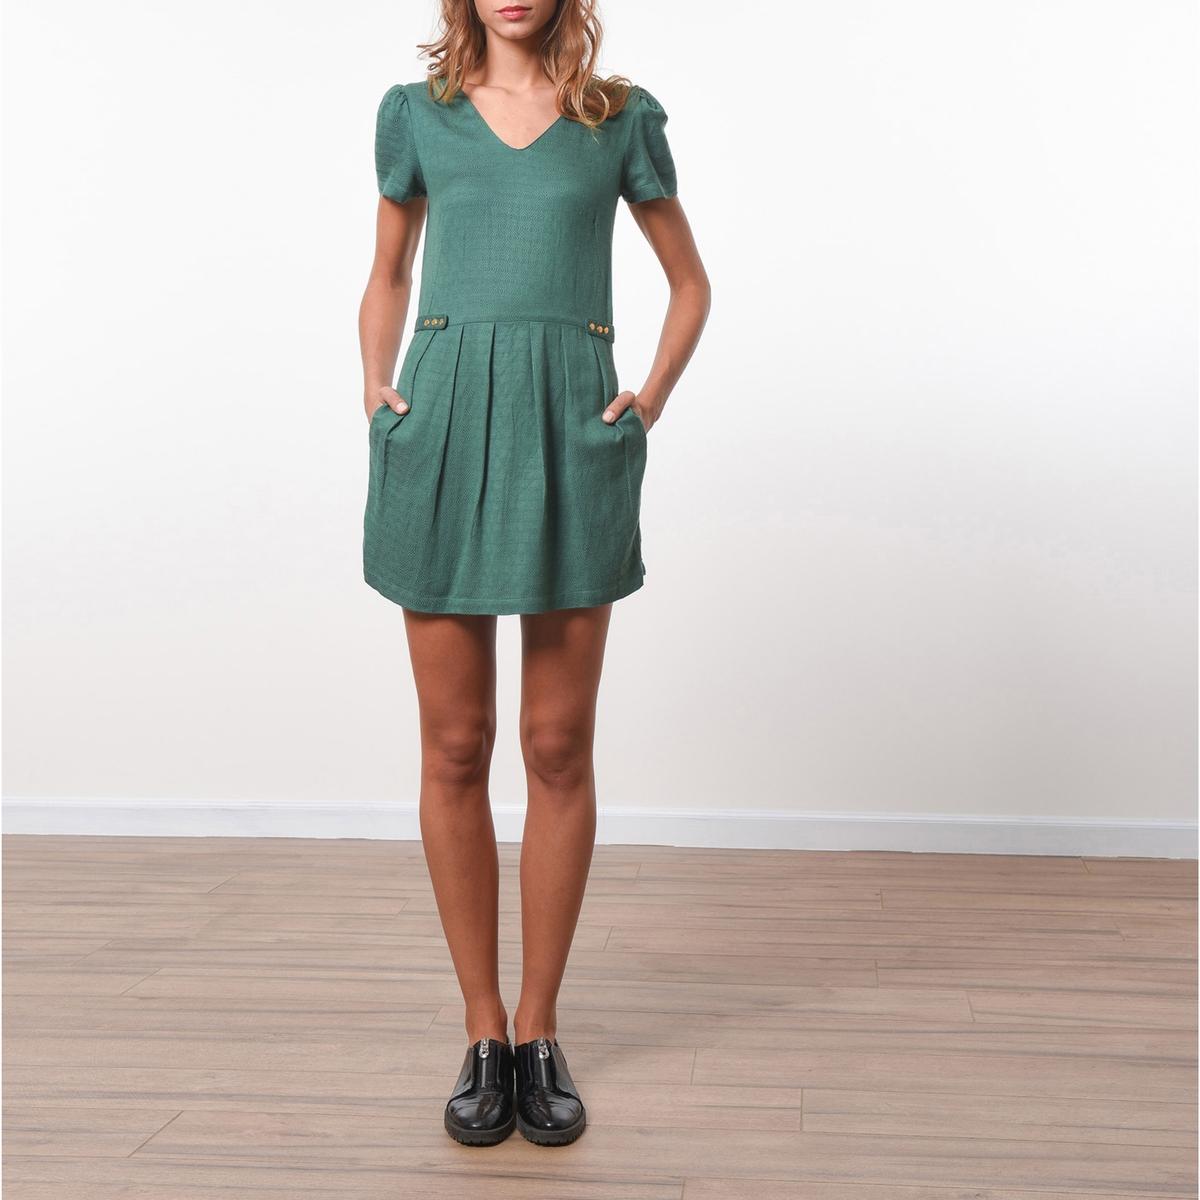 Комбинезон с шортами с эффектом юбки, короткие рукава